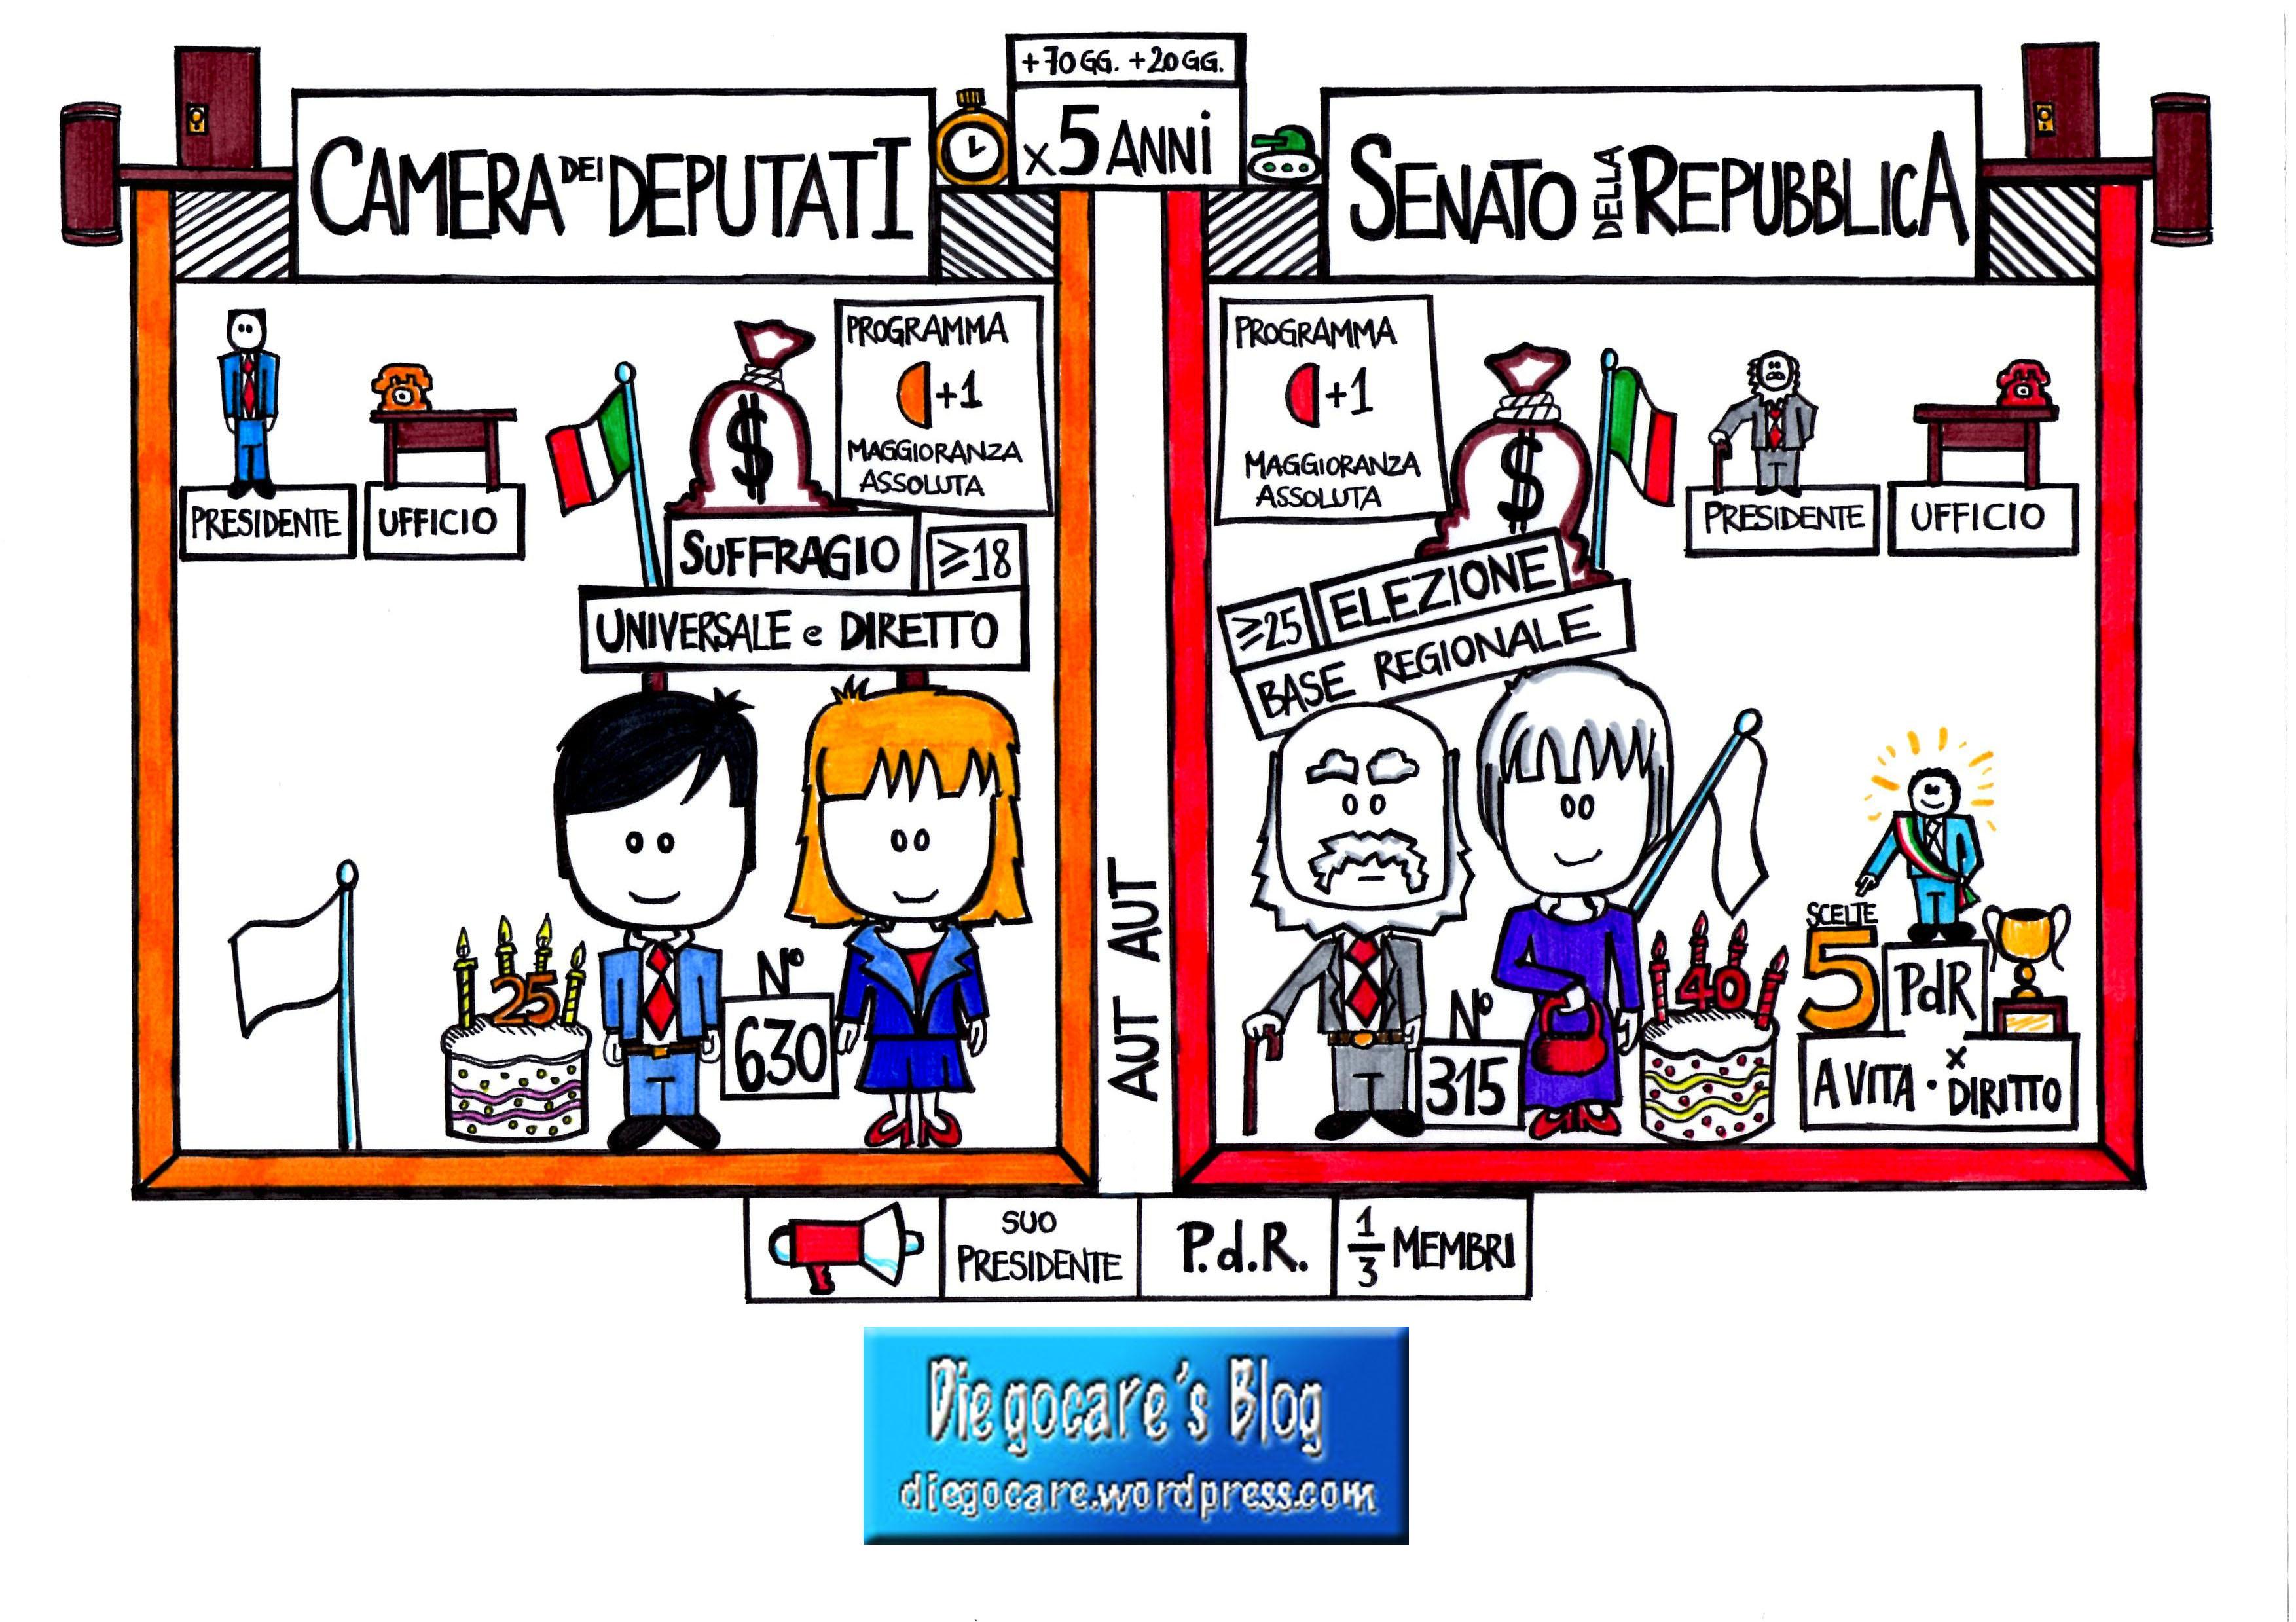 Il parlamento uno schema delle due camere diegocare 39 s blog for Sito parlamento italiano